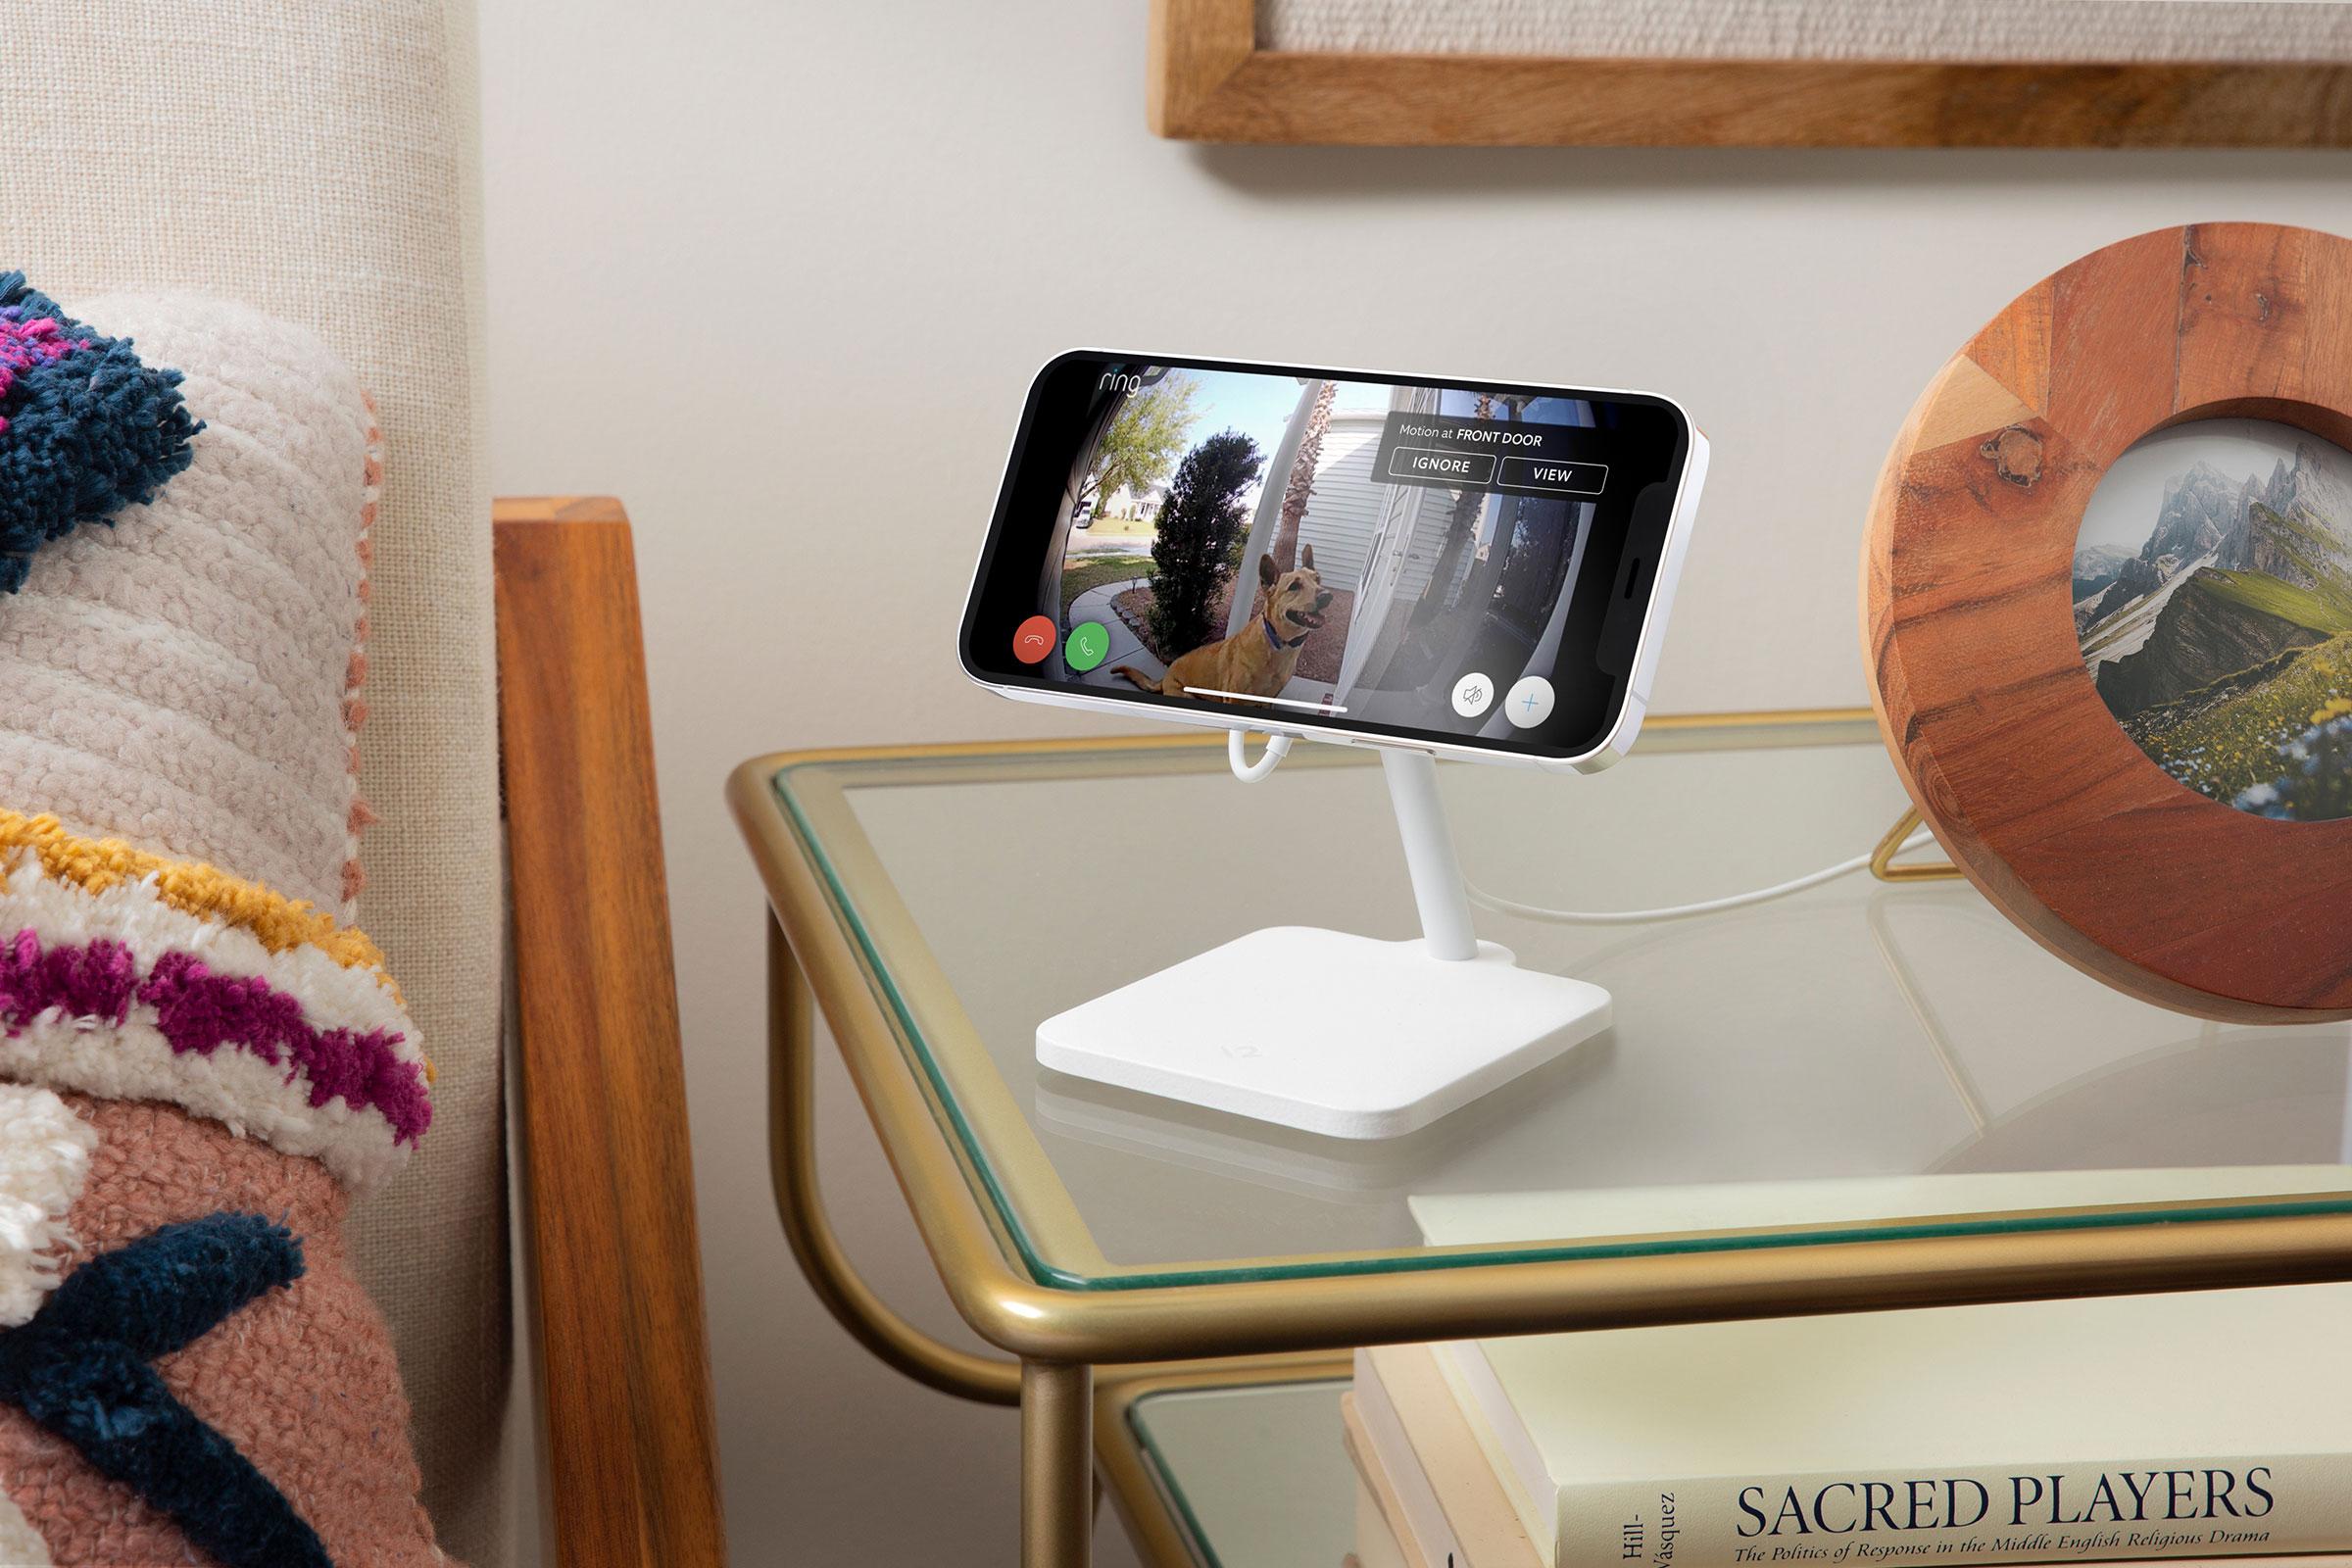 iPhoneのスクリーンの角度を75度まで調整可能